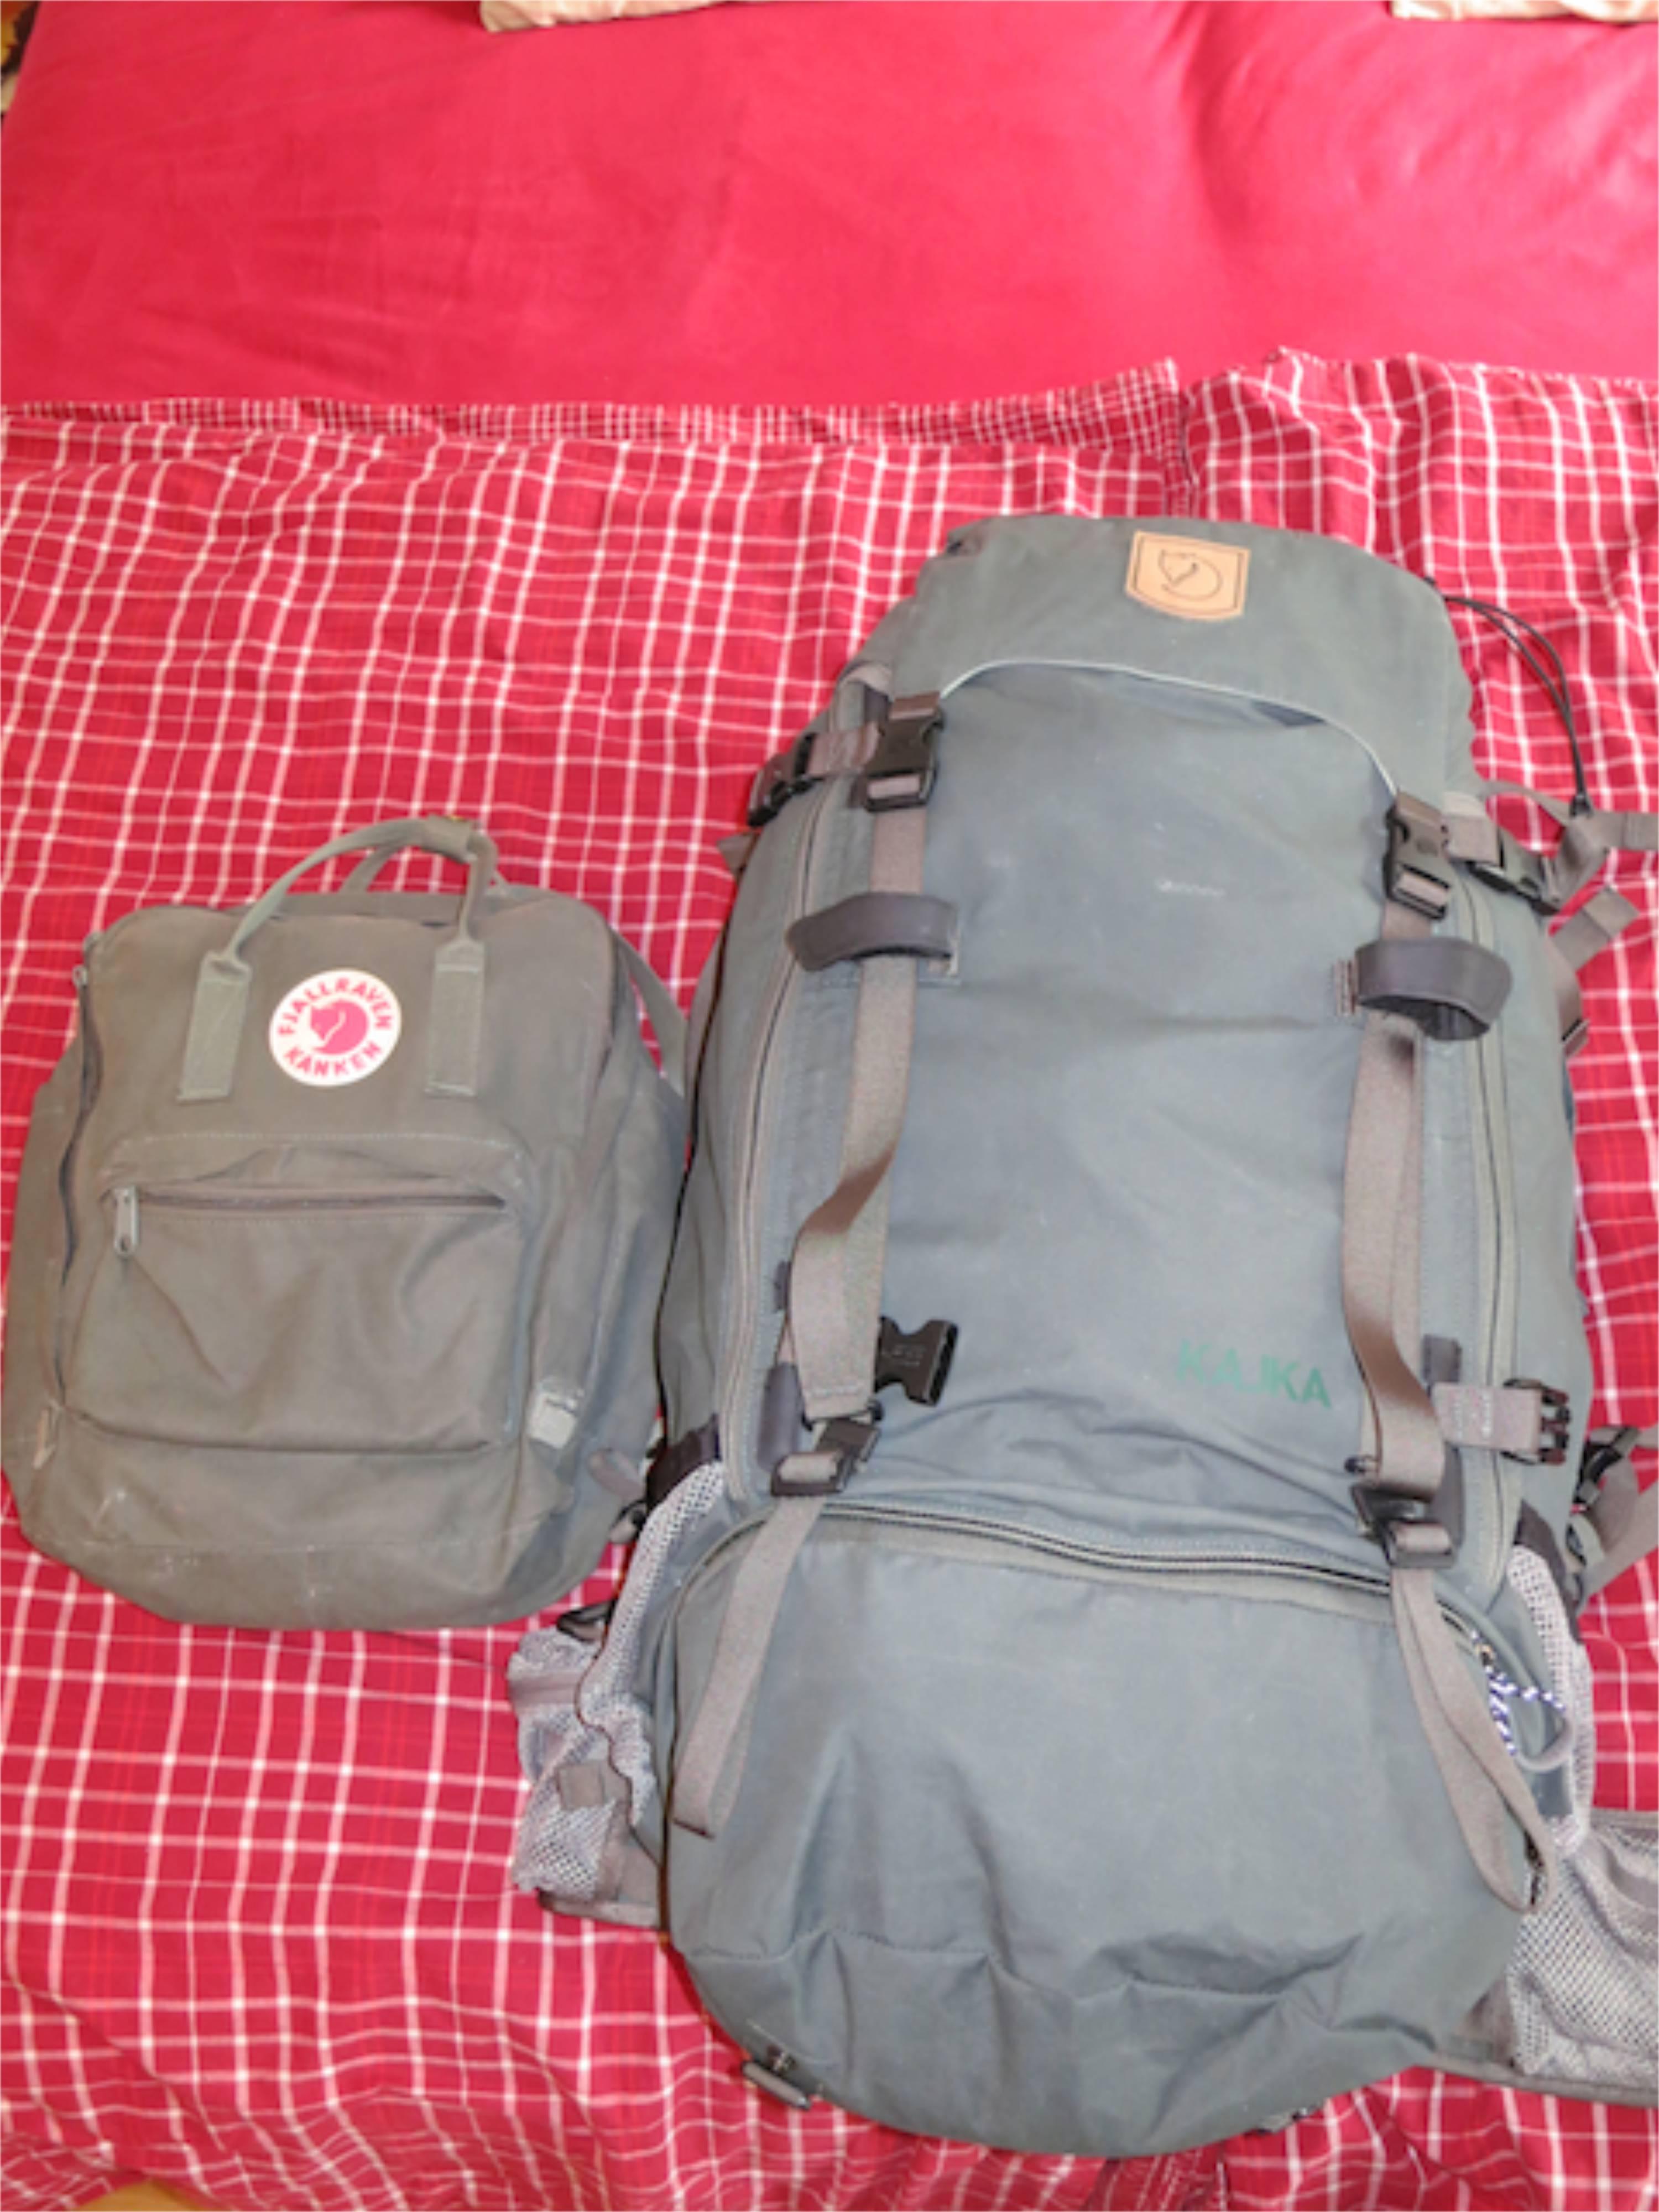 Gepäck für die Reise